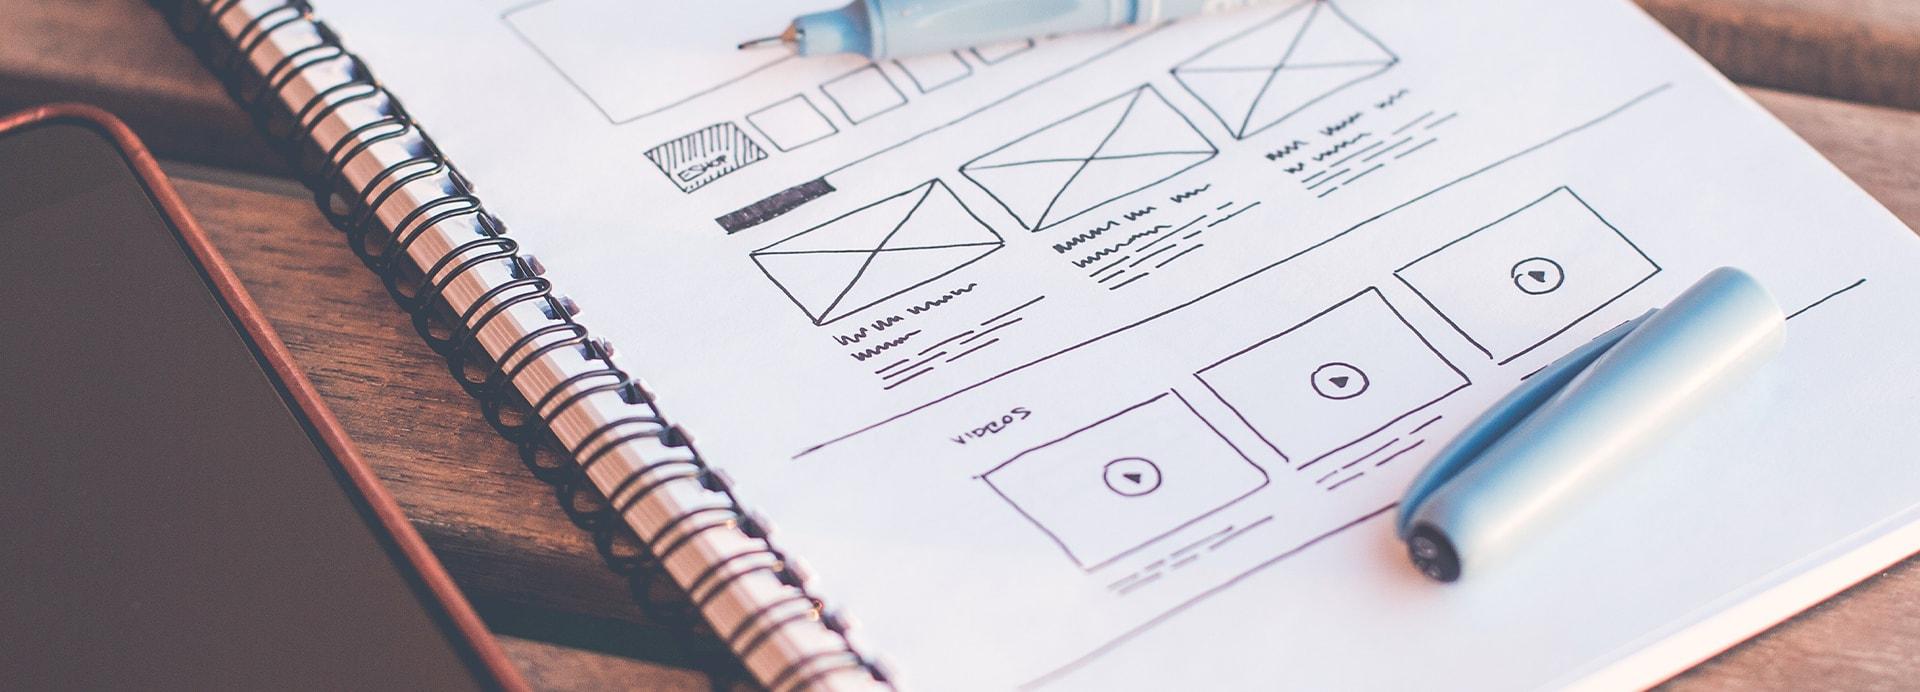 Konzepterstellung Webshop